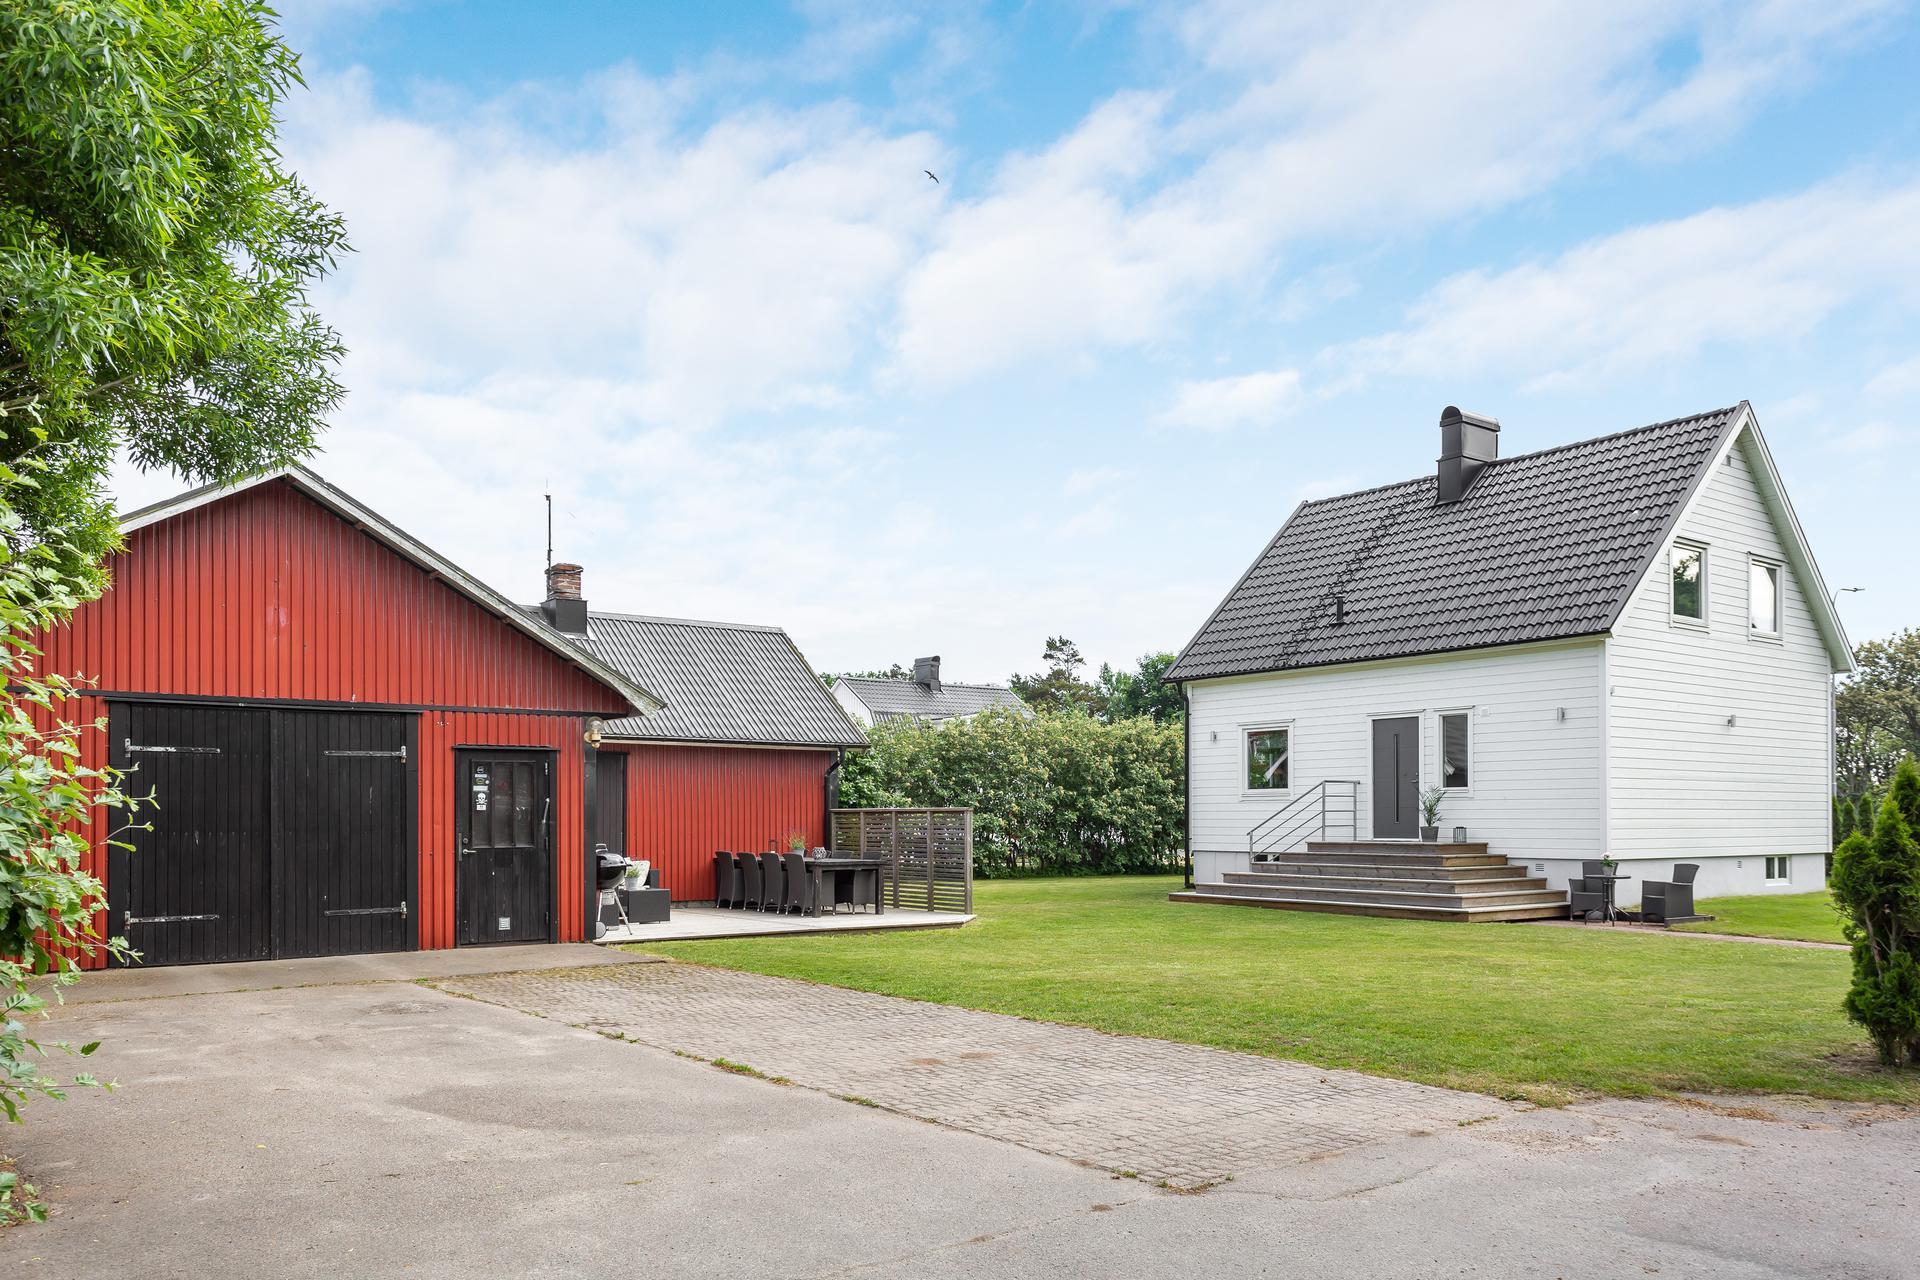 Asfalterad uppfart - garage - entrésida på huset